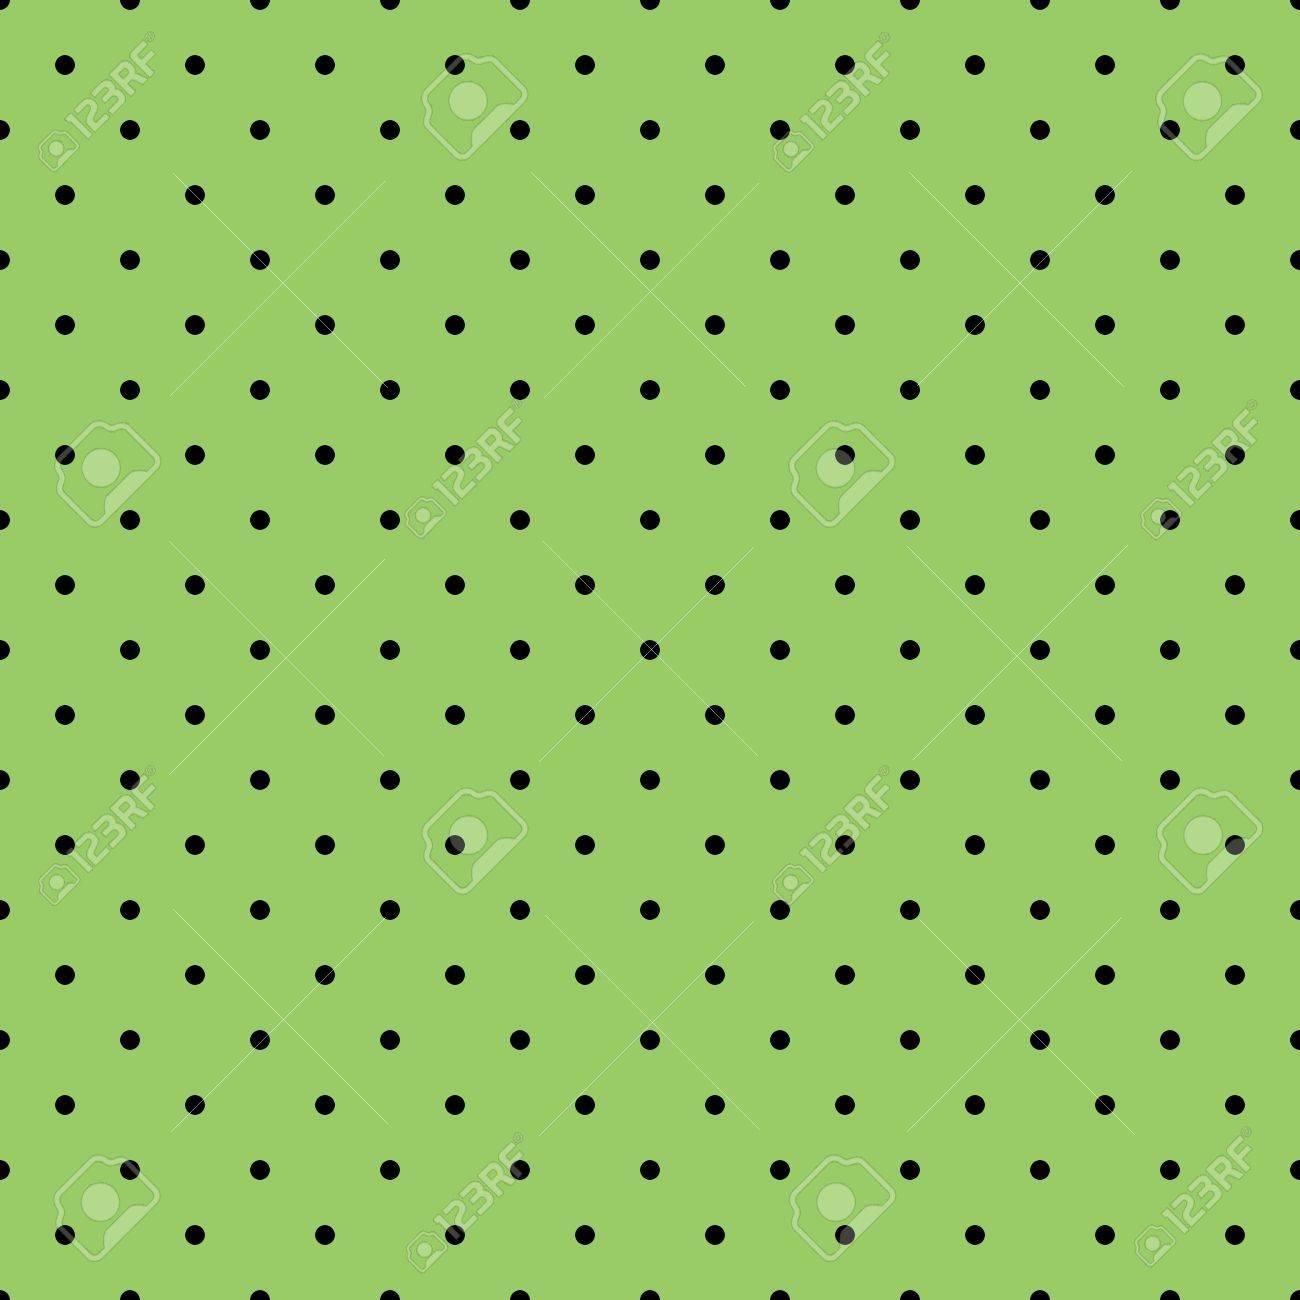 シームレスなベクター パターンまたはテクスチャ子供の背景 デスクトップの壁紙 ウェブサイトのデザインの暗い 春の緑の背景に黒の水玉のイラスト素材 ベクタ Image